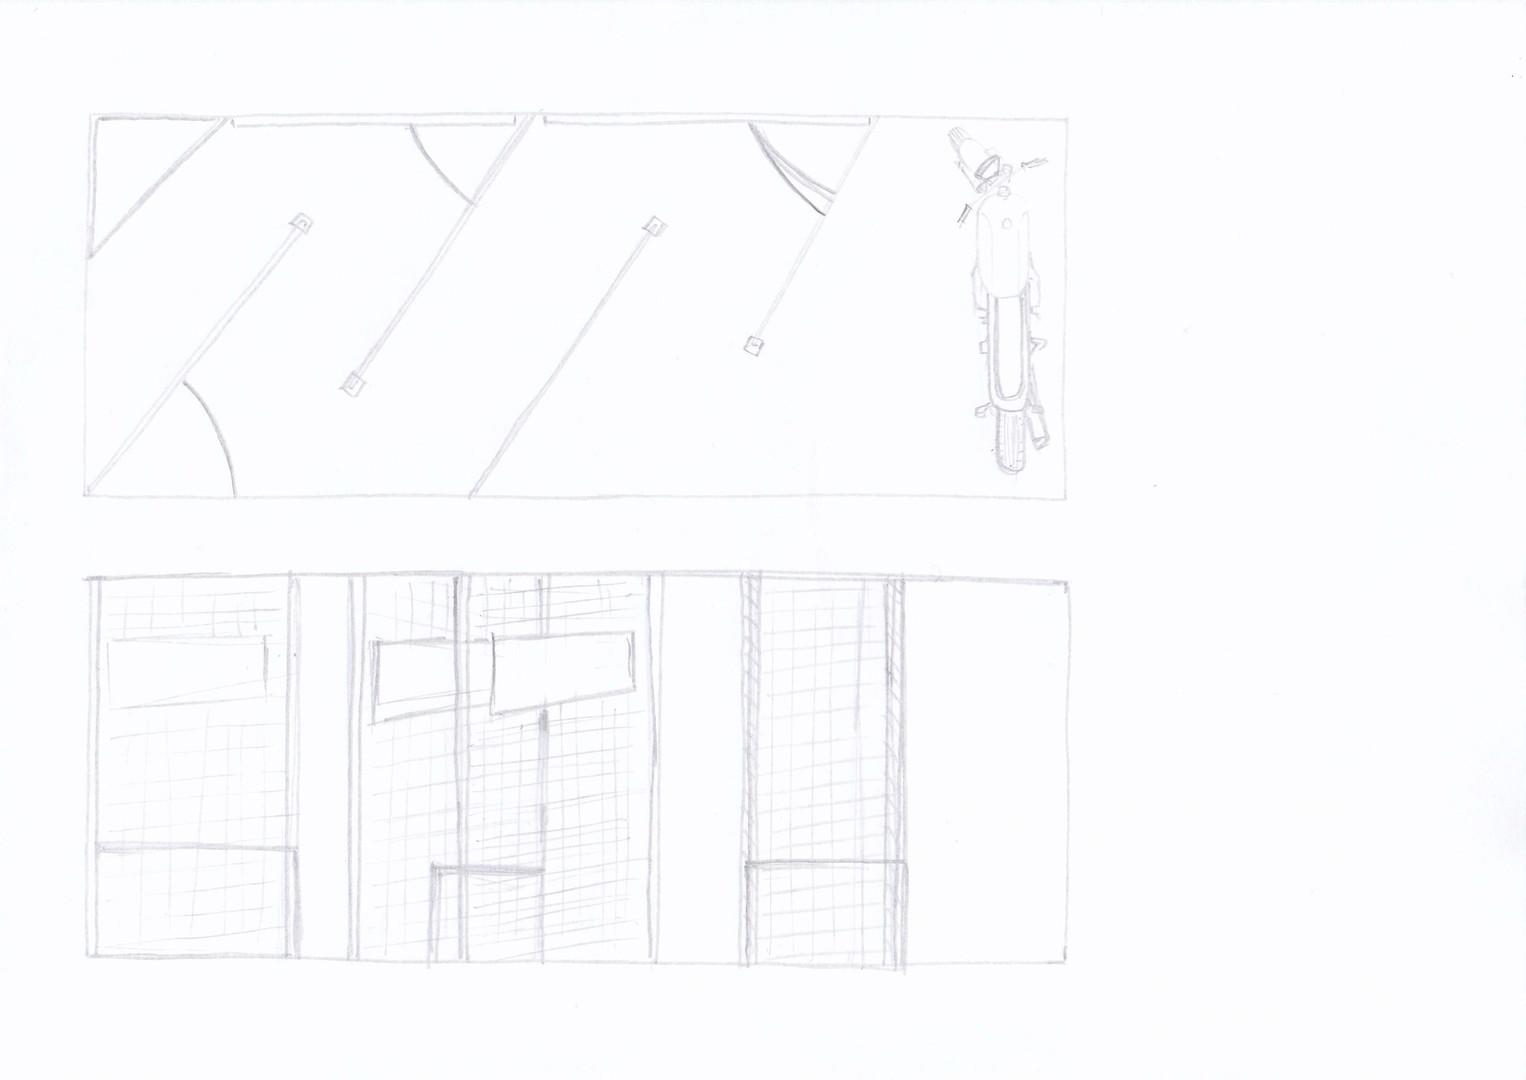 C3 Sketch.jpg